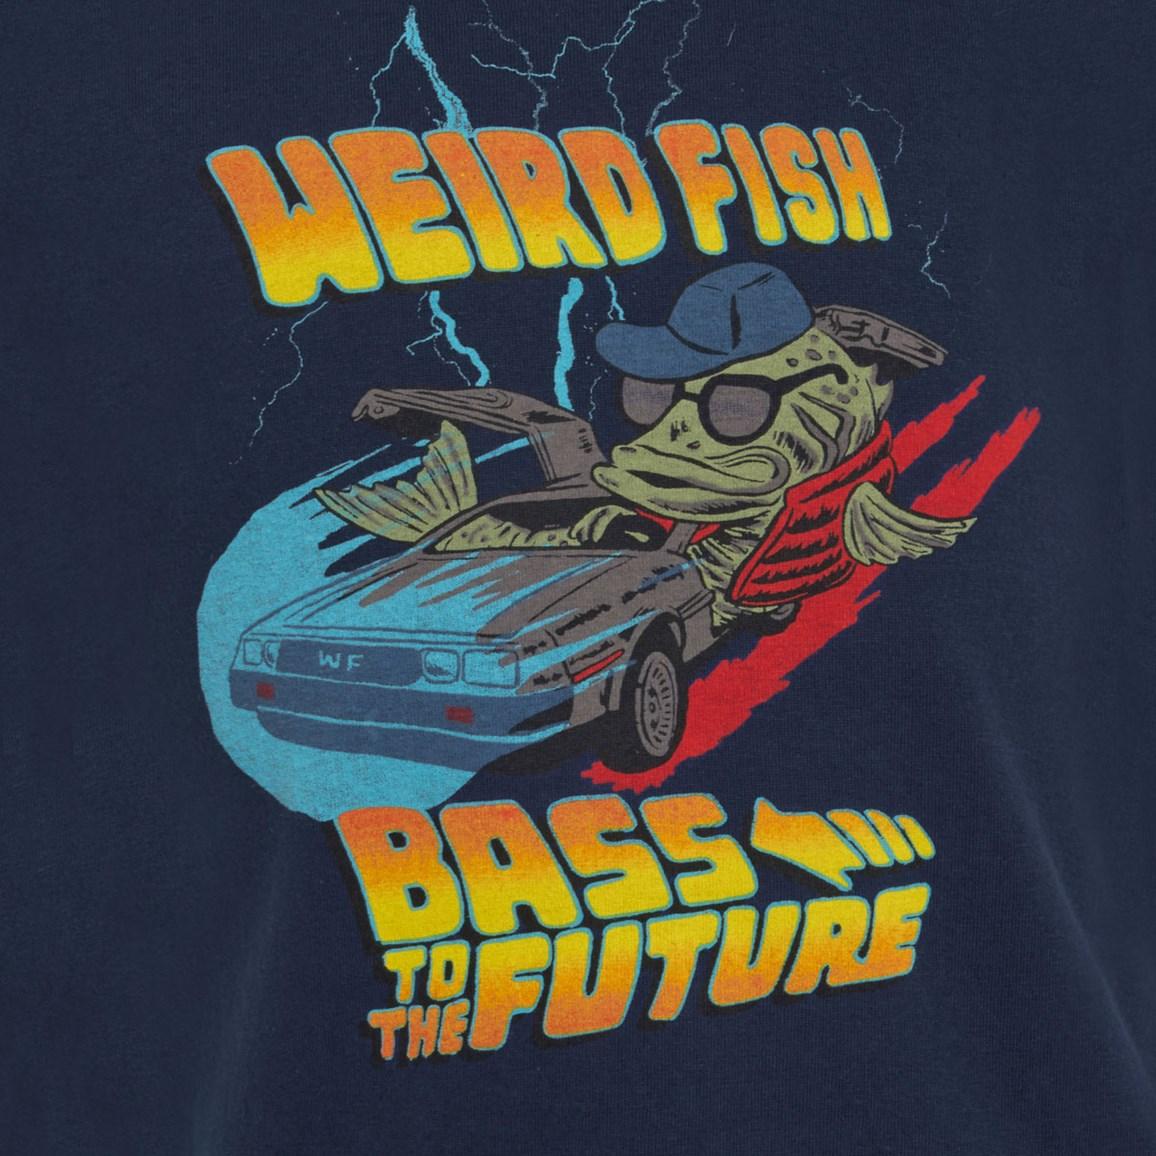 Weird Fish Bass To The Future Artist T-Shirt Estate blue Size 11-12